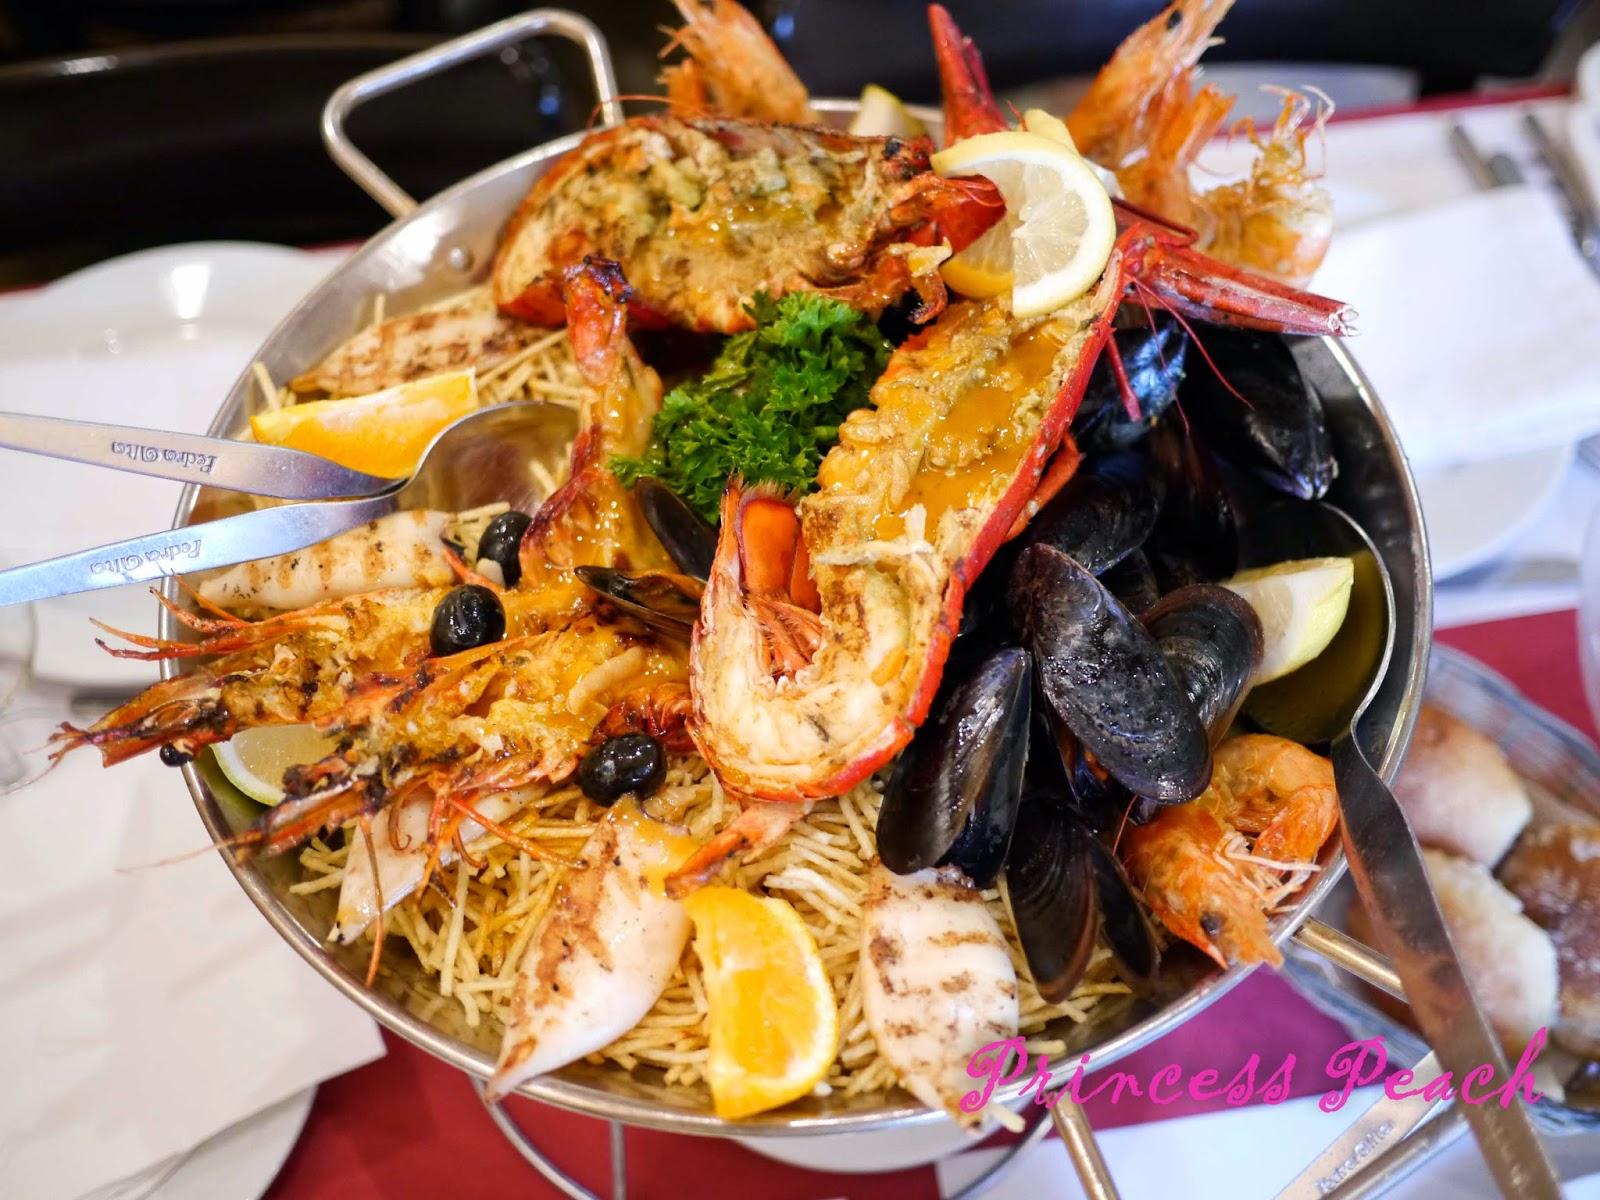 法國: 巴黎美食 - CP 值高的 Pedra Alta 葡萄牙海鮮餐廳